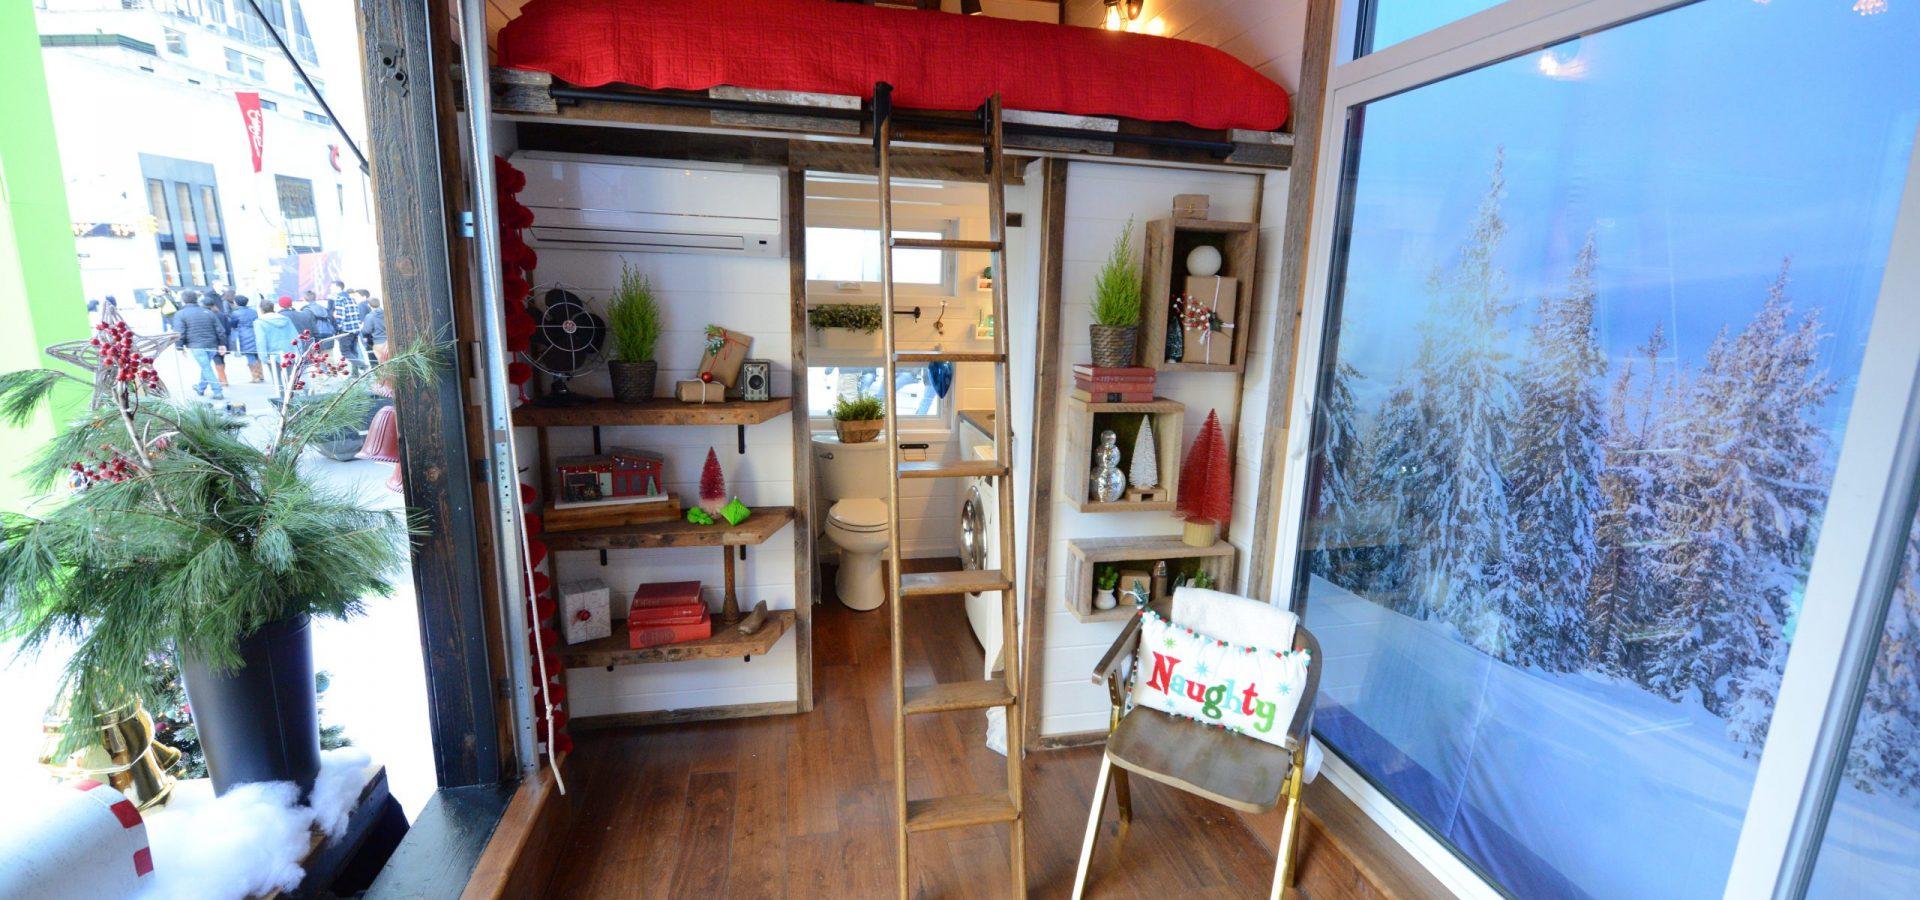 Freeform Tiny Home inside